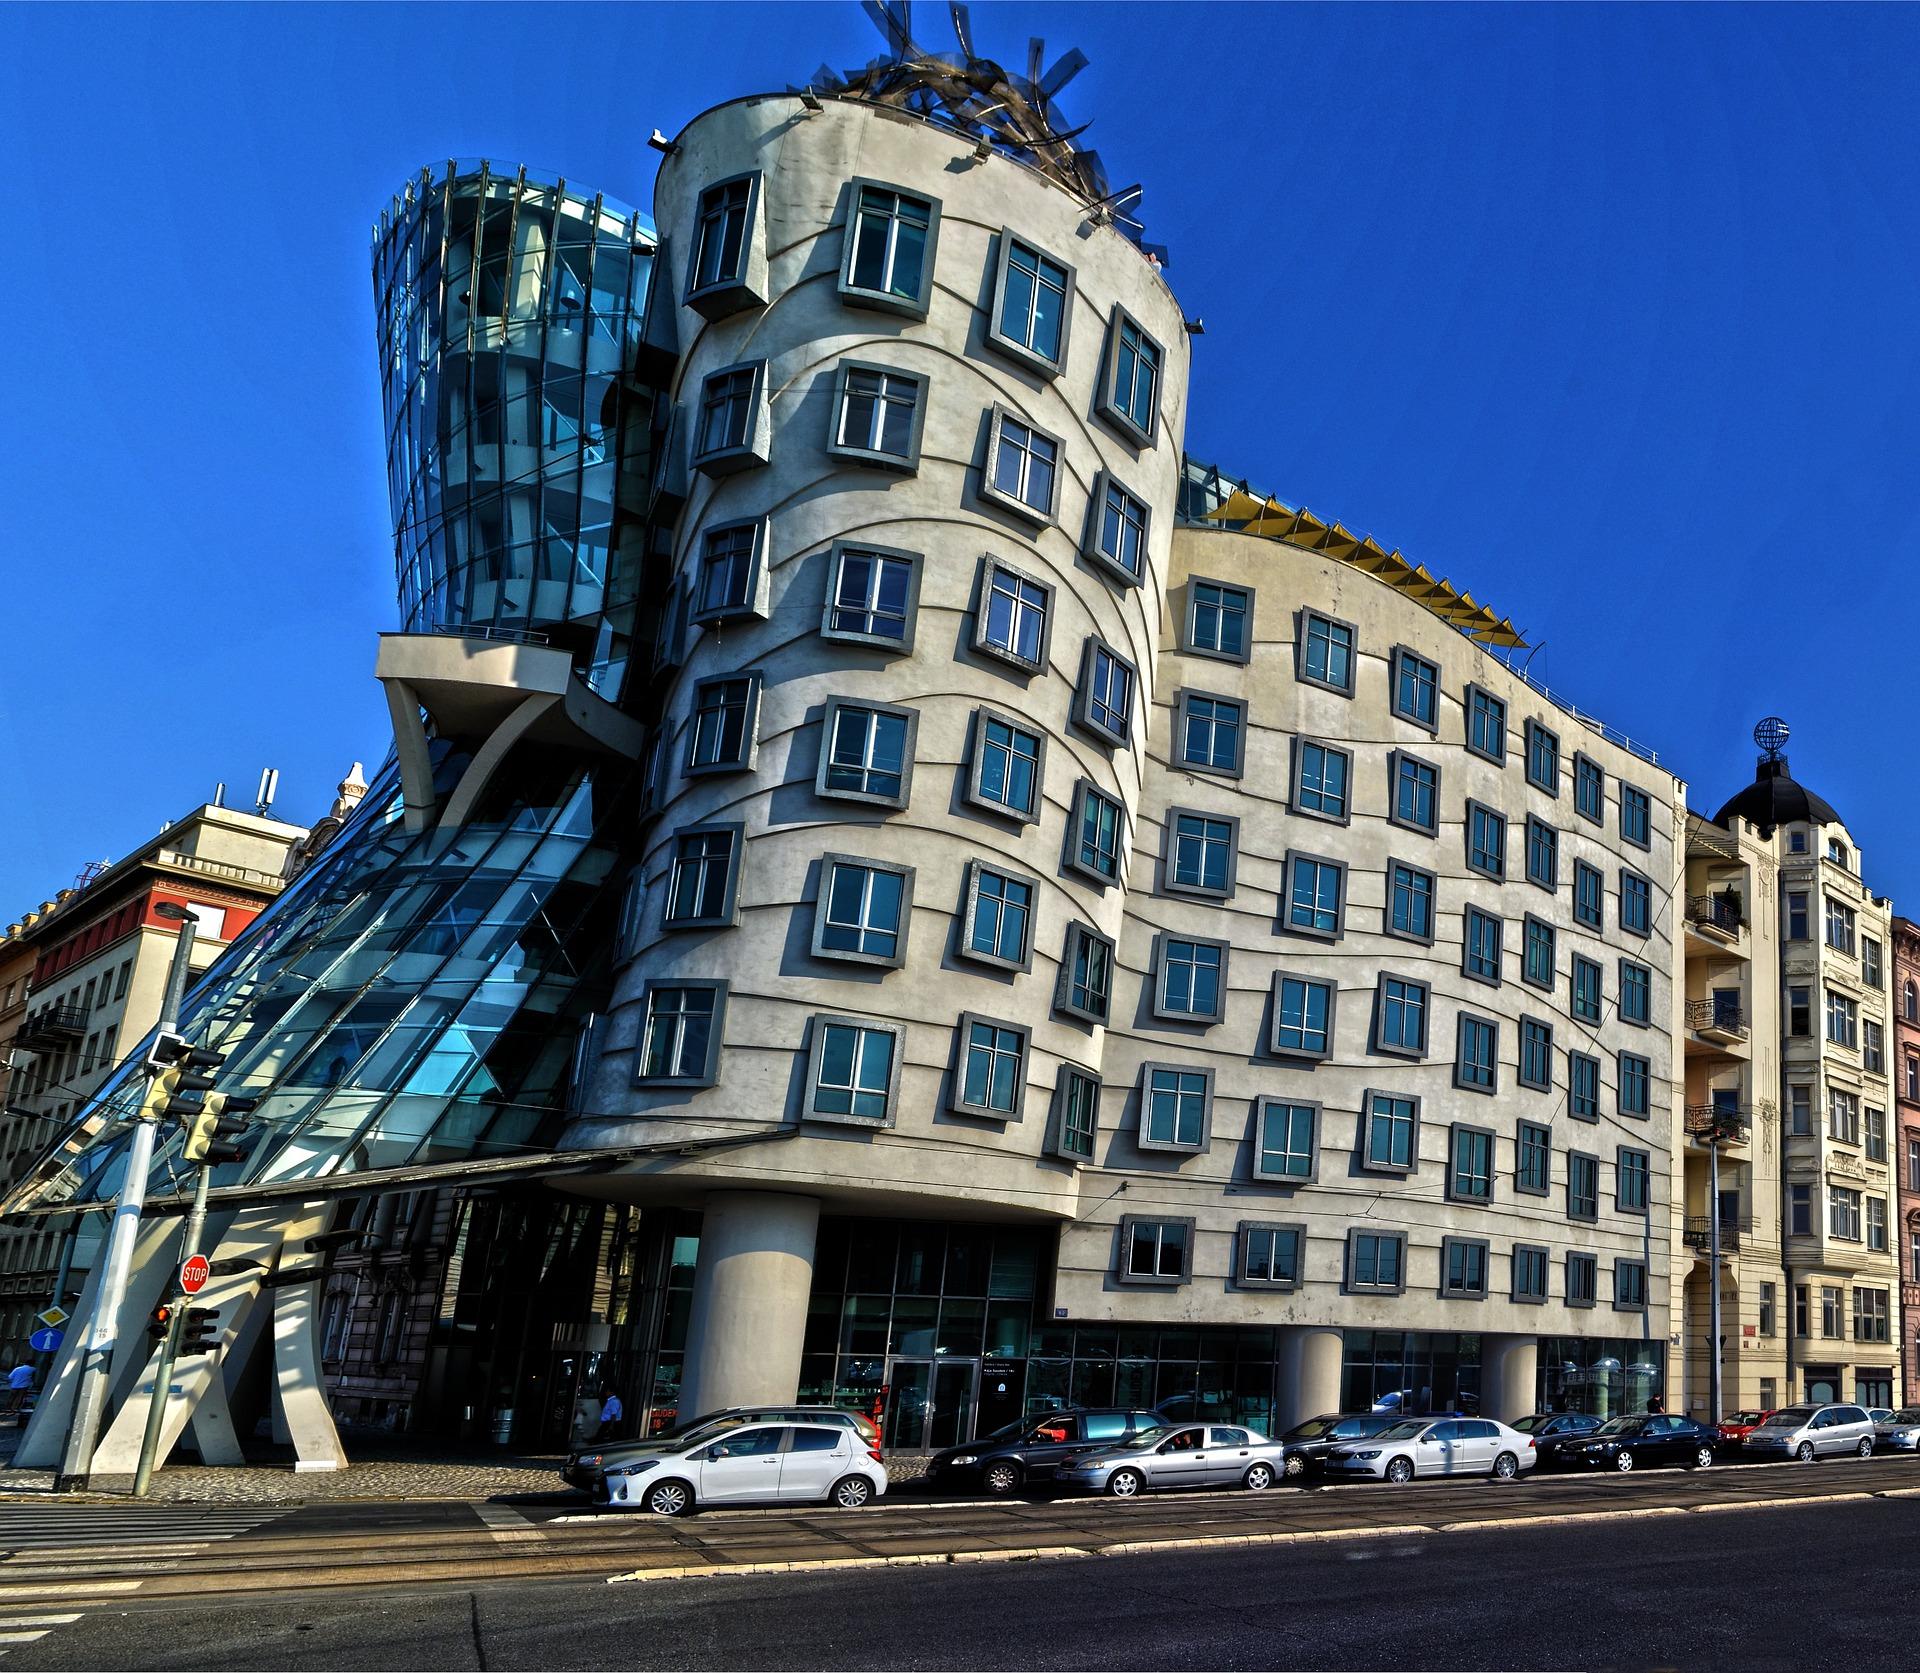 Städtereise nach Prag die Nacht 63% günstiger ab 11,65€ inklusive Frühstück !